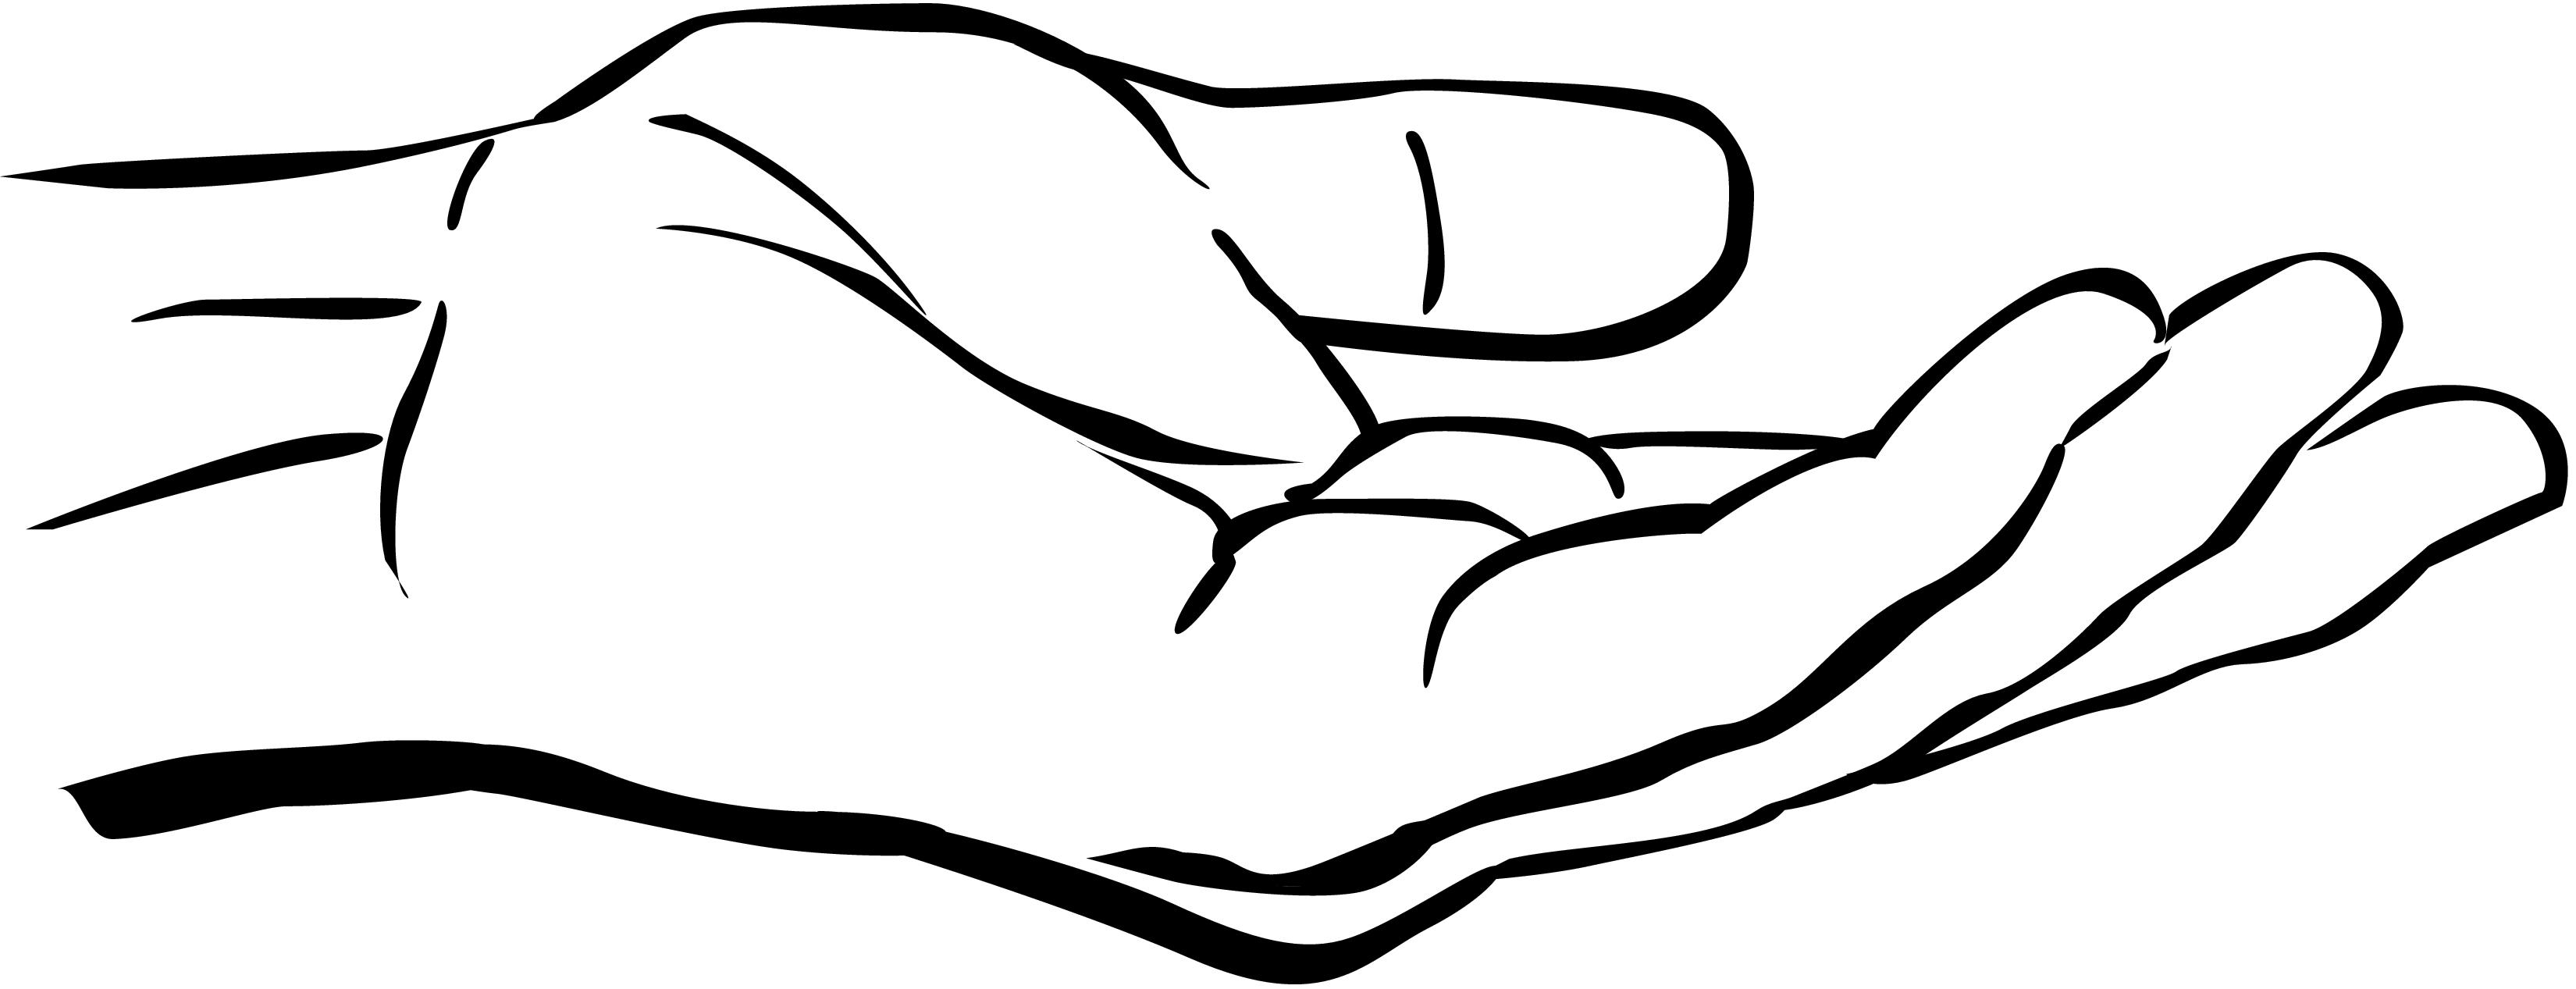 3300x1267 Open Praying Hands Clipart